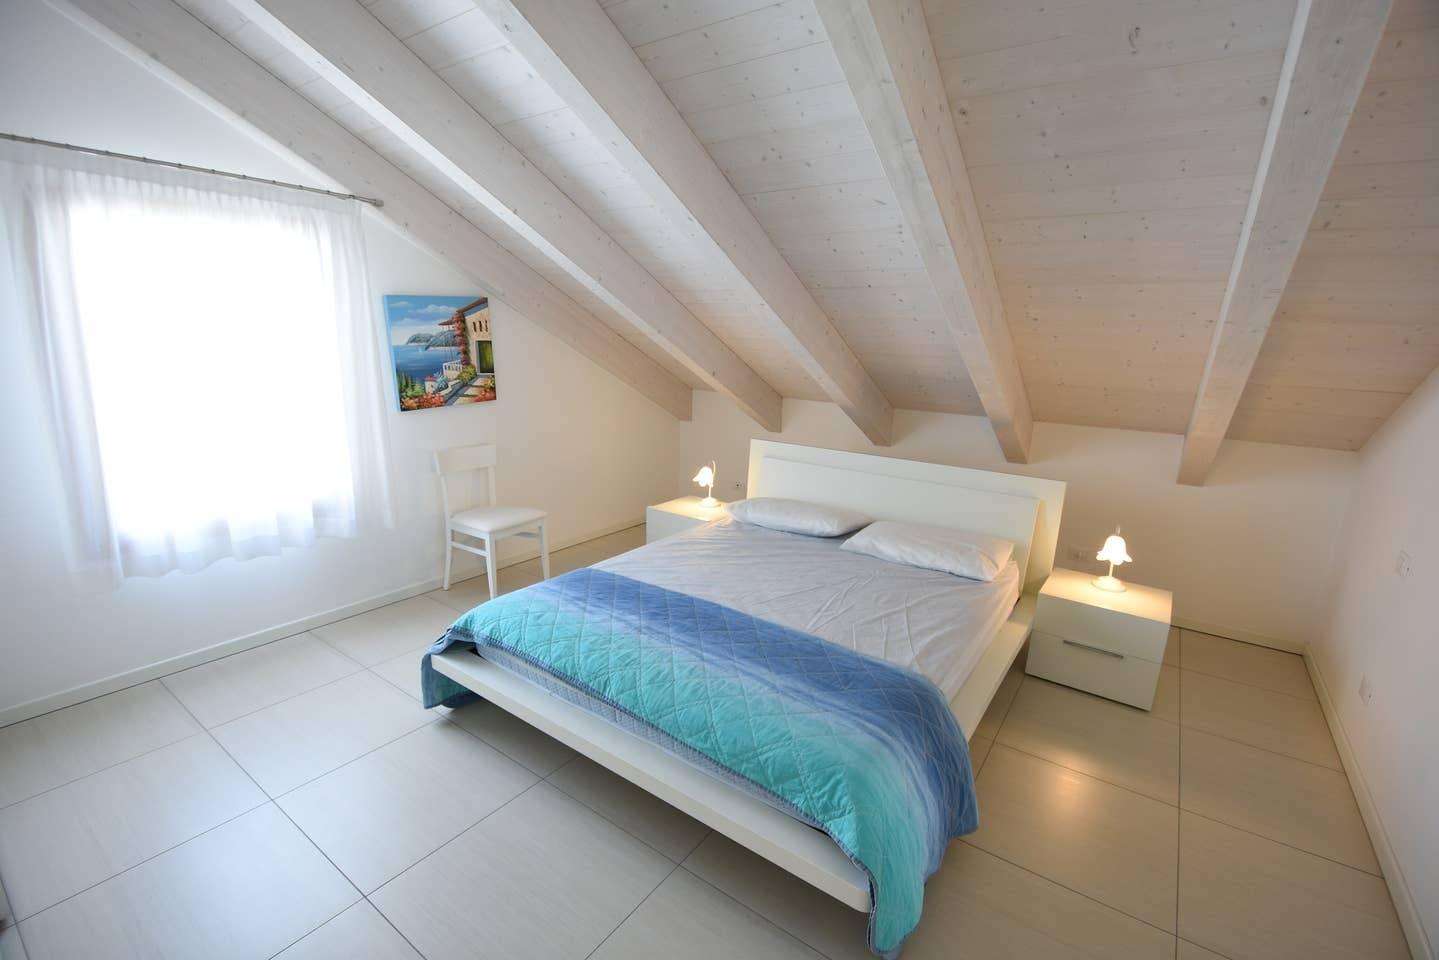 camera-da-letto-mansarda-1172983242